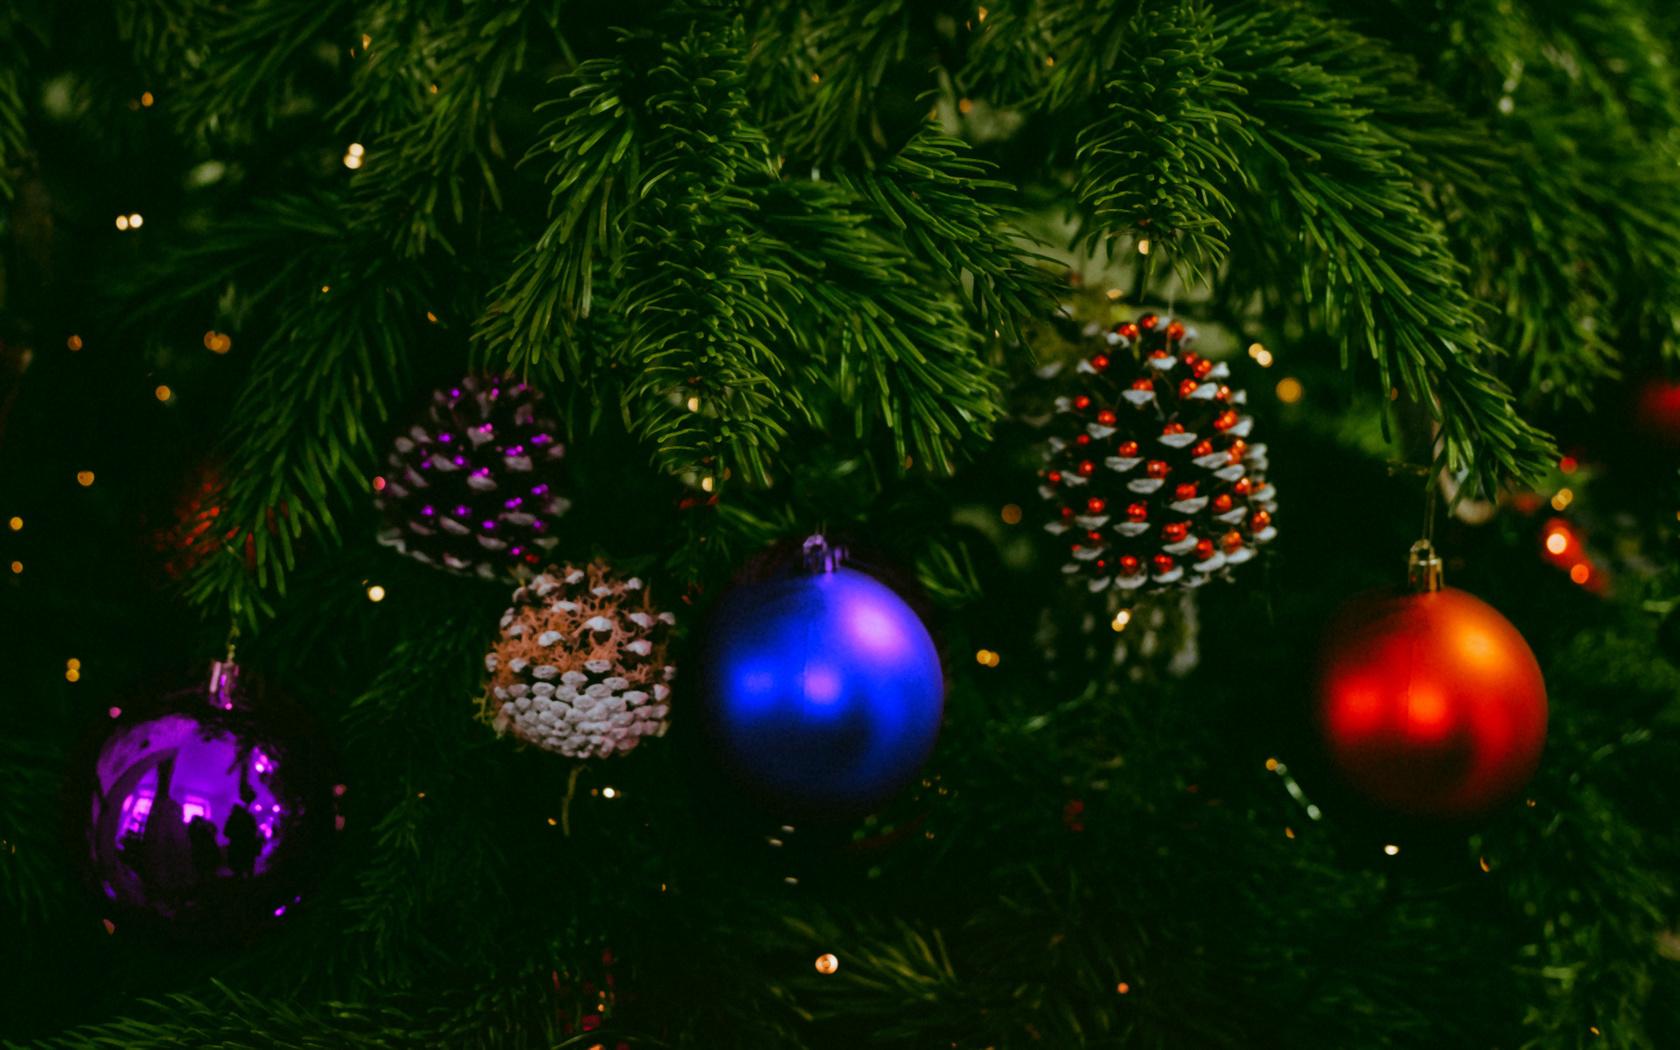 игрушки, хвоя, праздник, новогодний